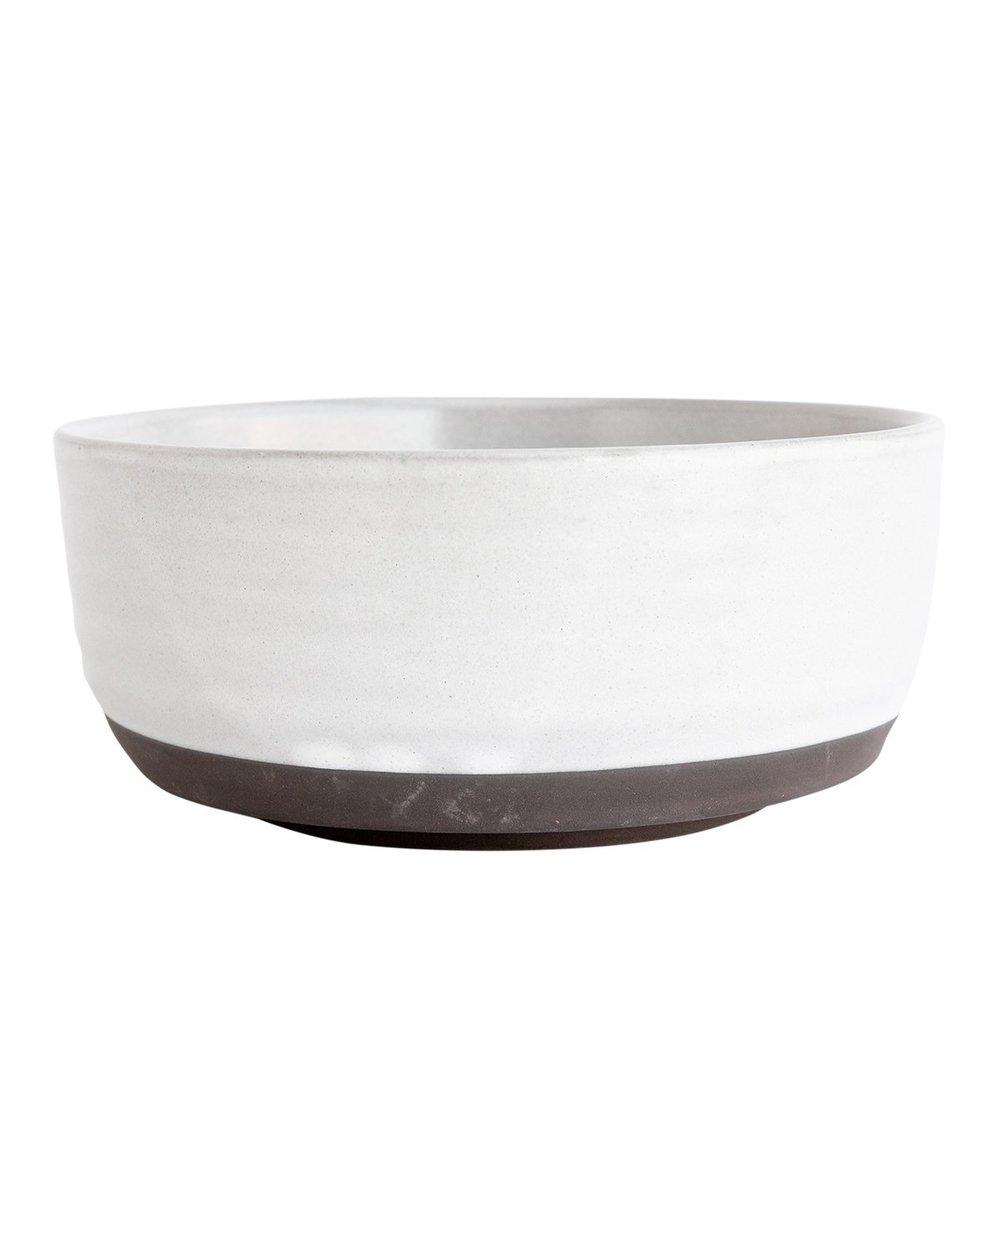 Black_White_Bowl_4.jpg